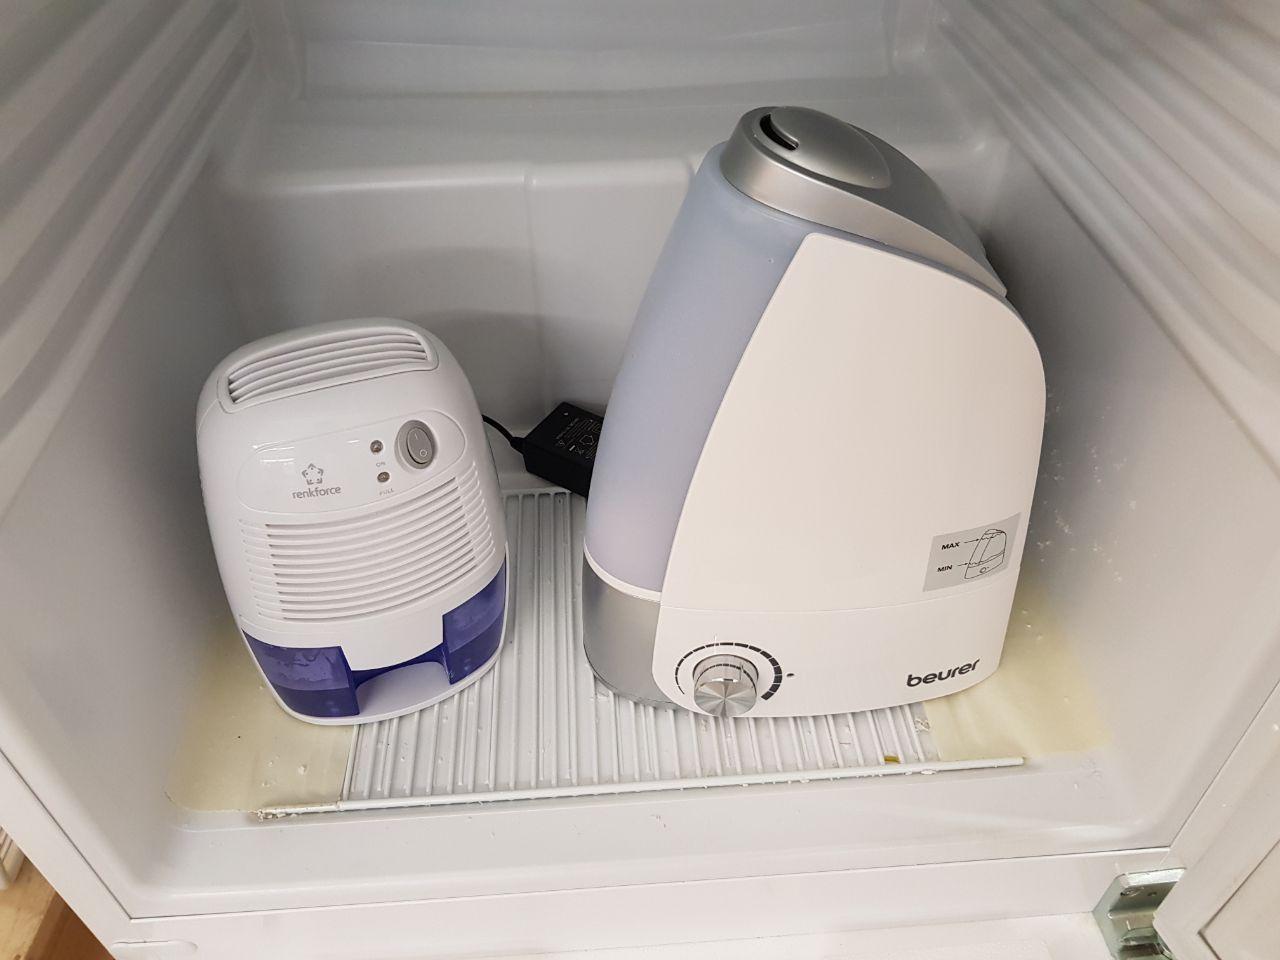 Kühlschrank Entfeuchter : Kühlschrank entfeuchter pressetext raum entfeuchter gegen